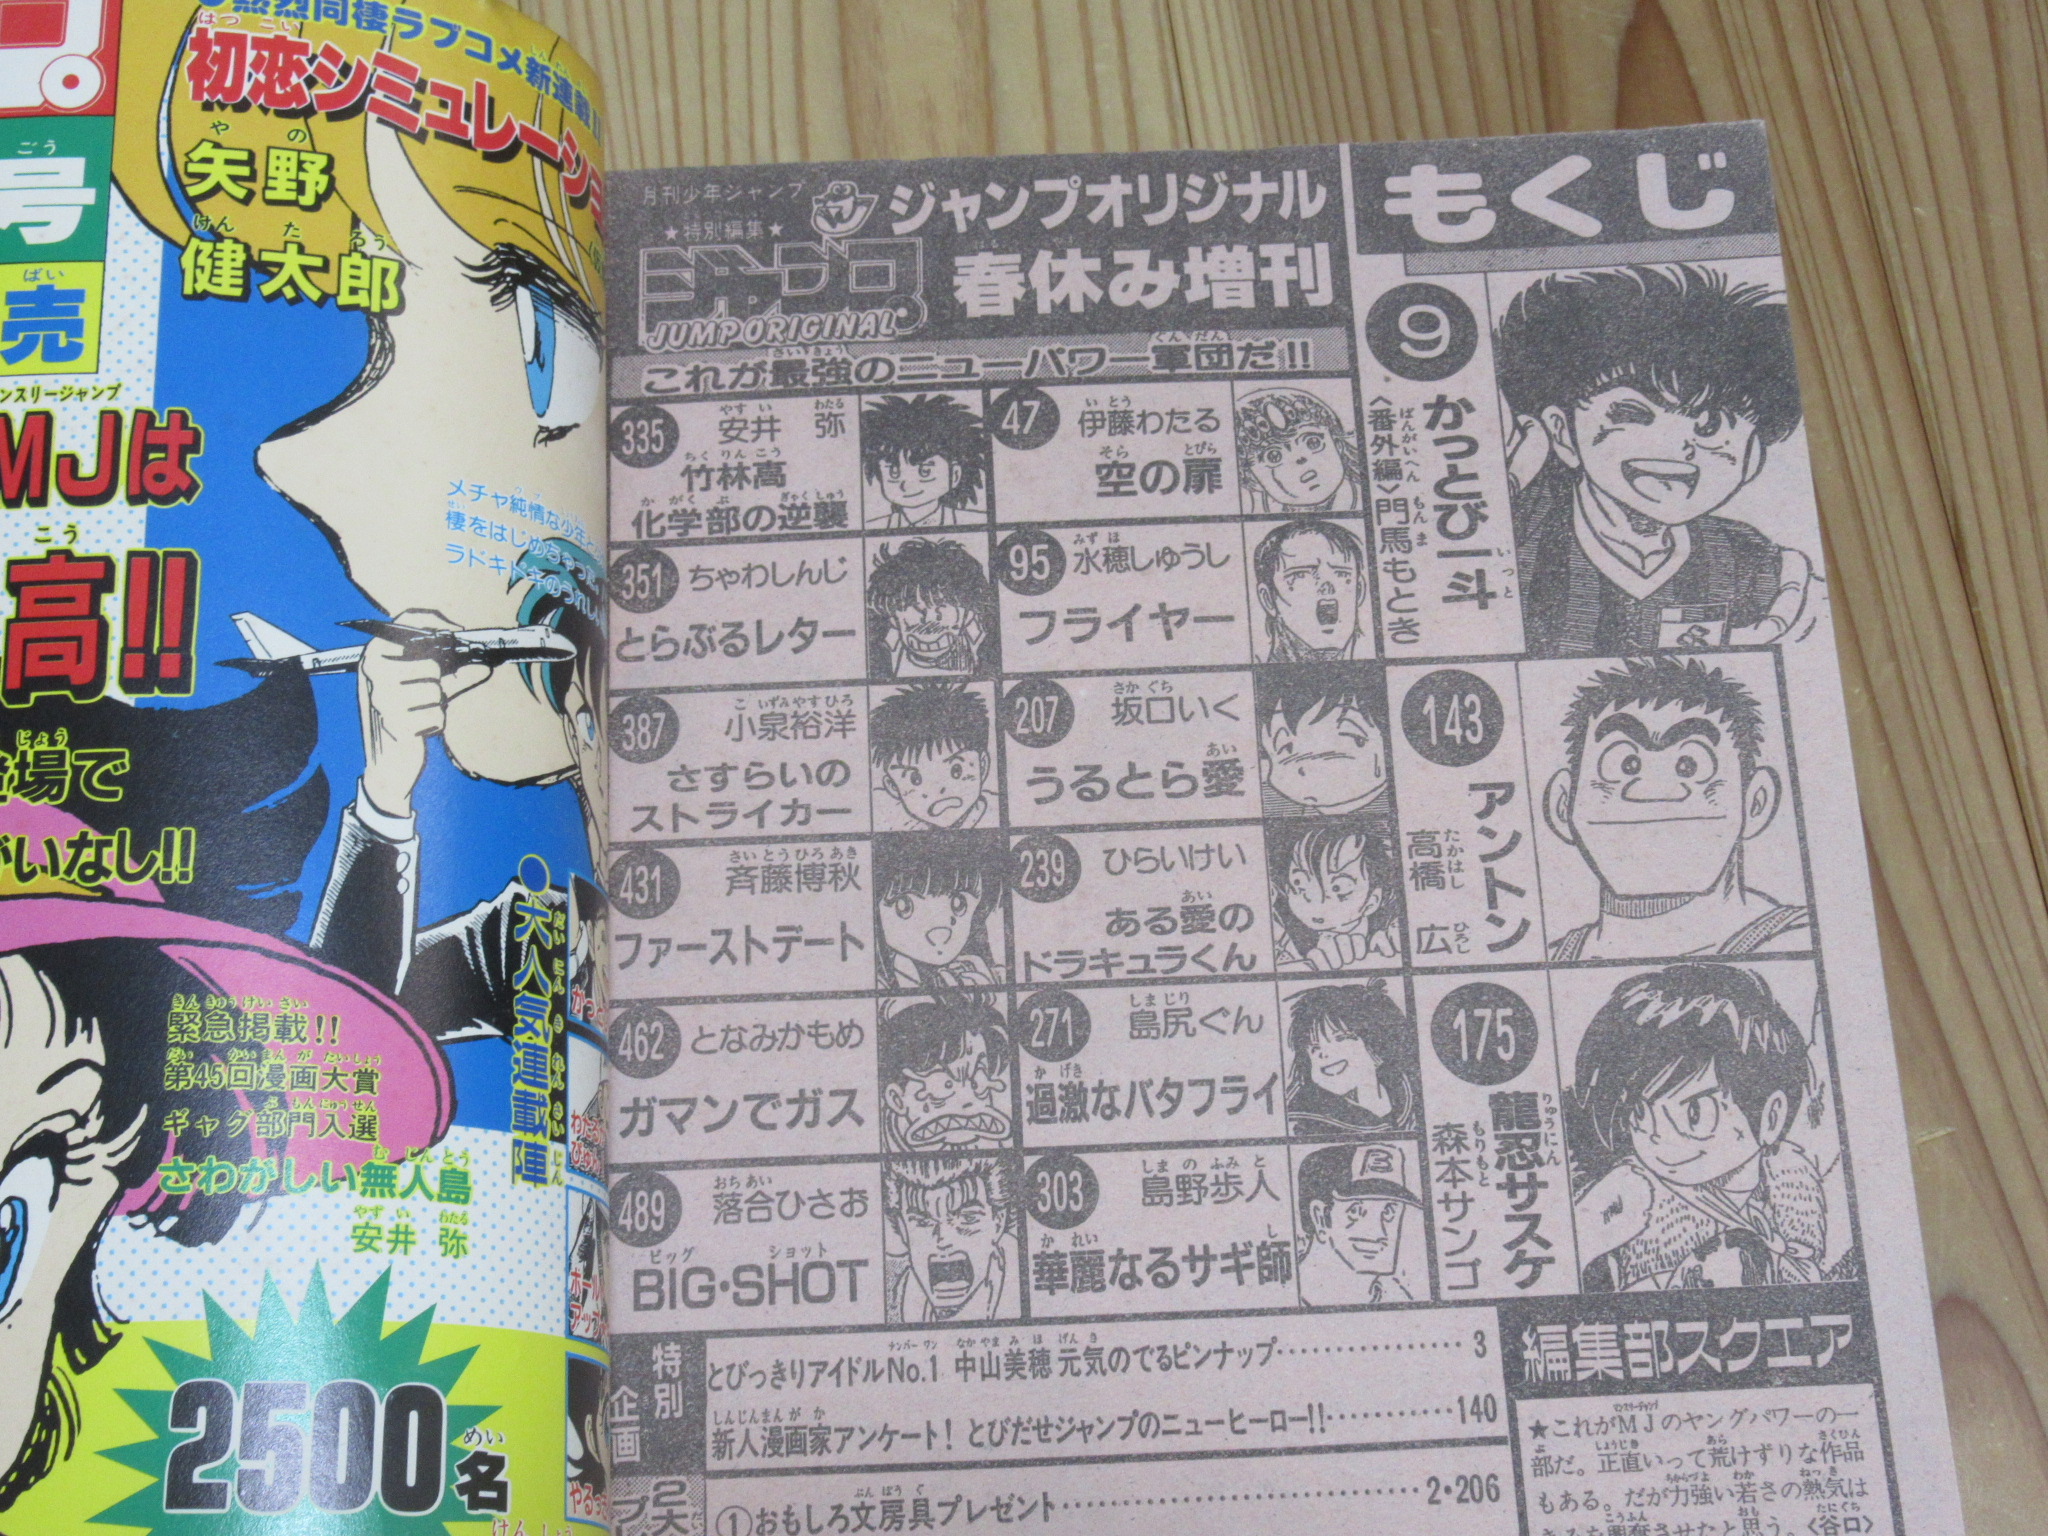 月刊少年特別編集 春休み増刊 少年ジャンプ オリジナル 1987年 買取